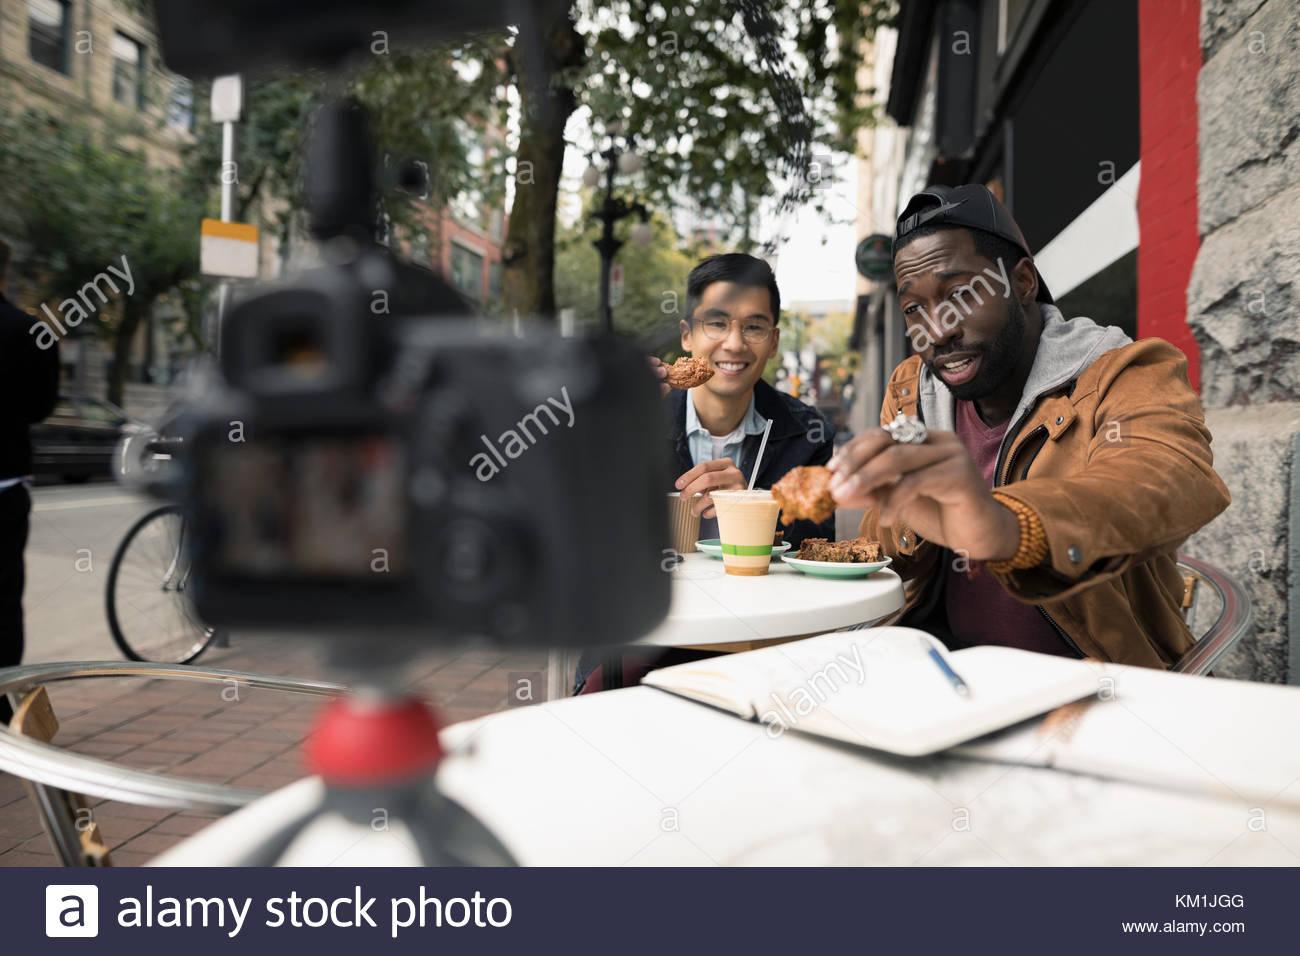 Gli uomini vlogging con videocamera, mangiare a urban cafè sul marciapiede Immagini Stock